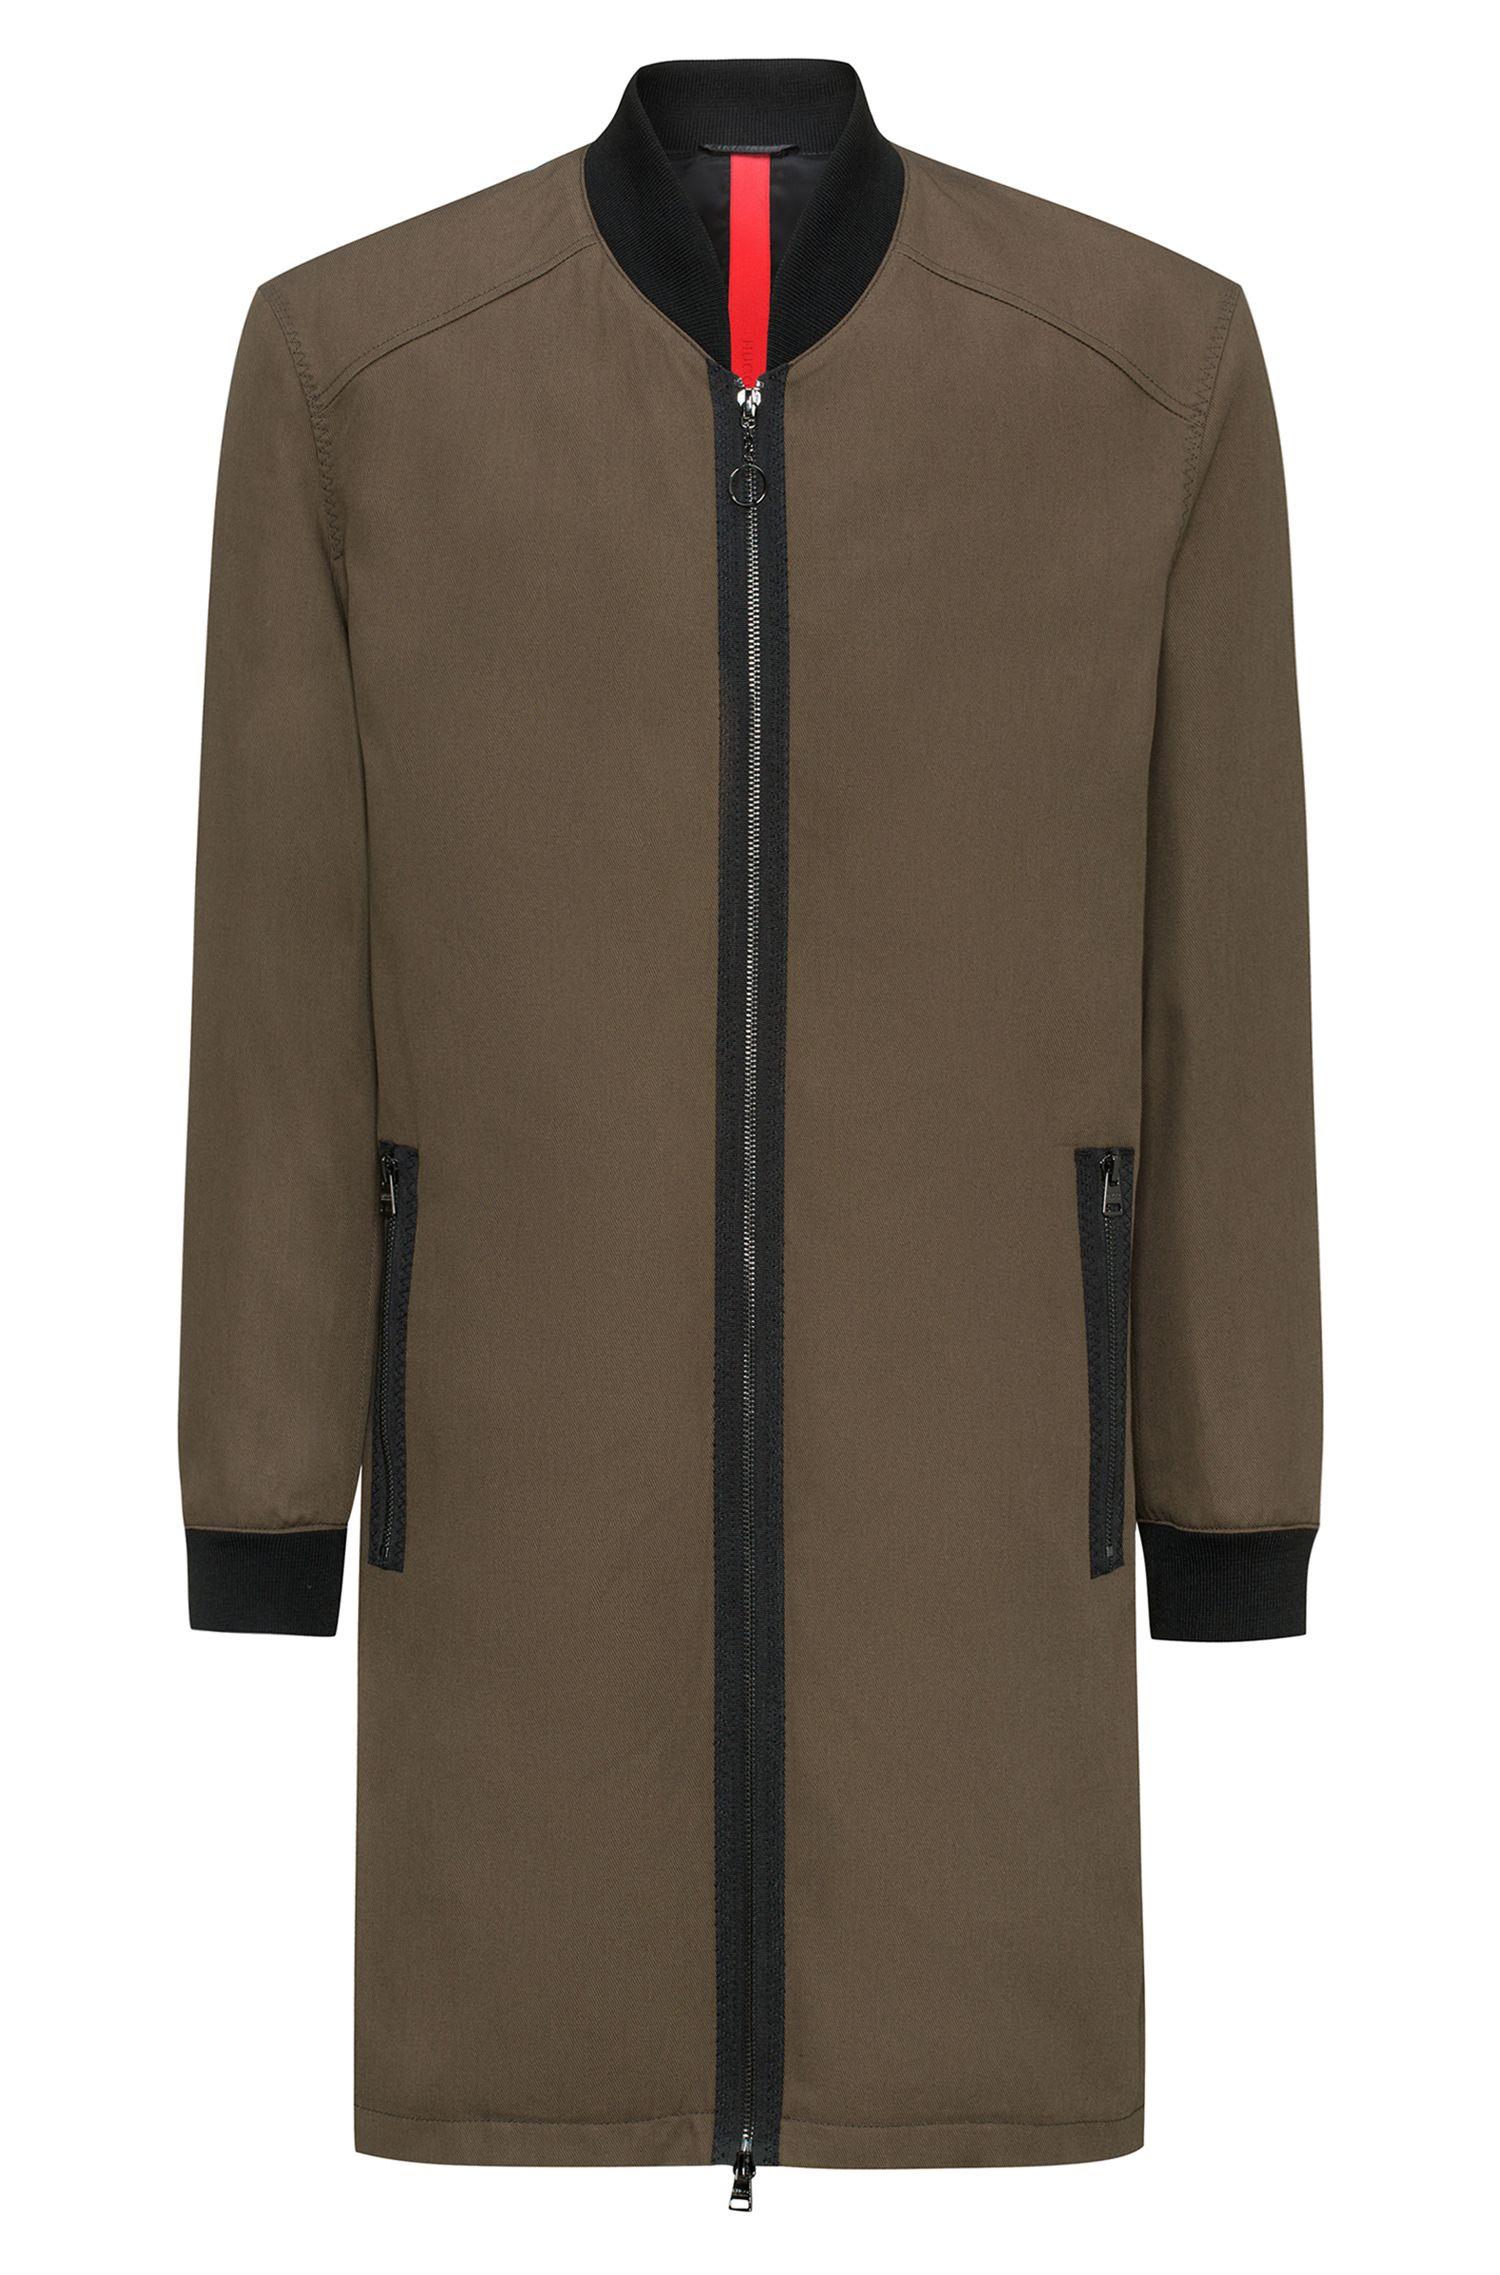 Relaxed-Fit Mantel aus Baumwoll-Twill mit gestricktem Stehkragen und Reißverschluss